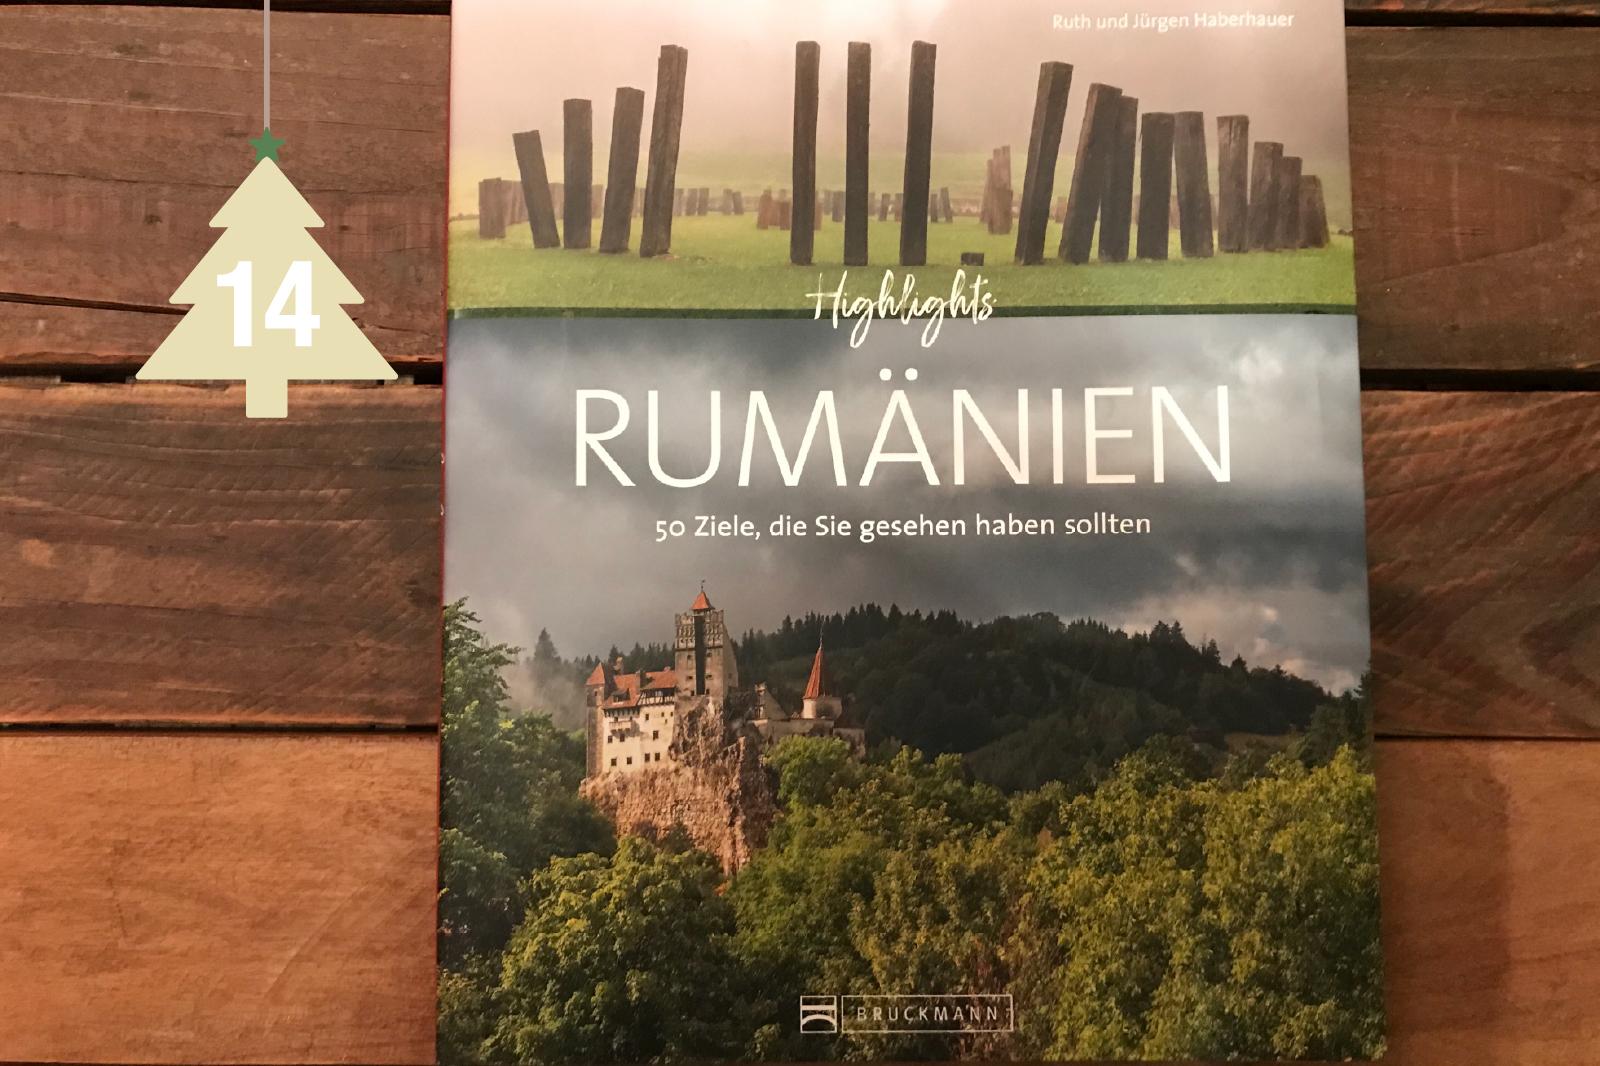 Highlights Rumänien - 50 Ziele, die Sie gesehen haben sollten Buch von Jürgen Haberhauer